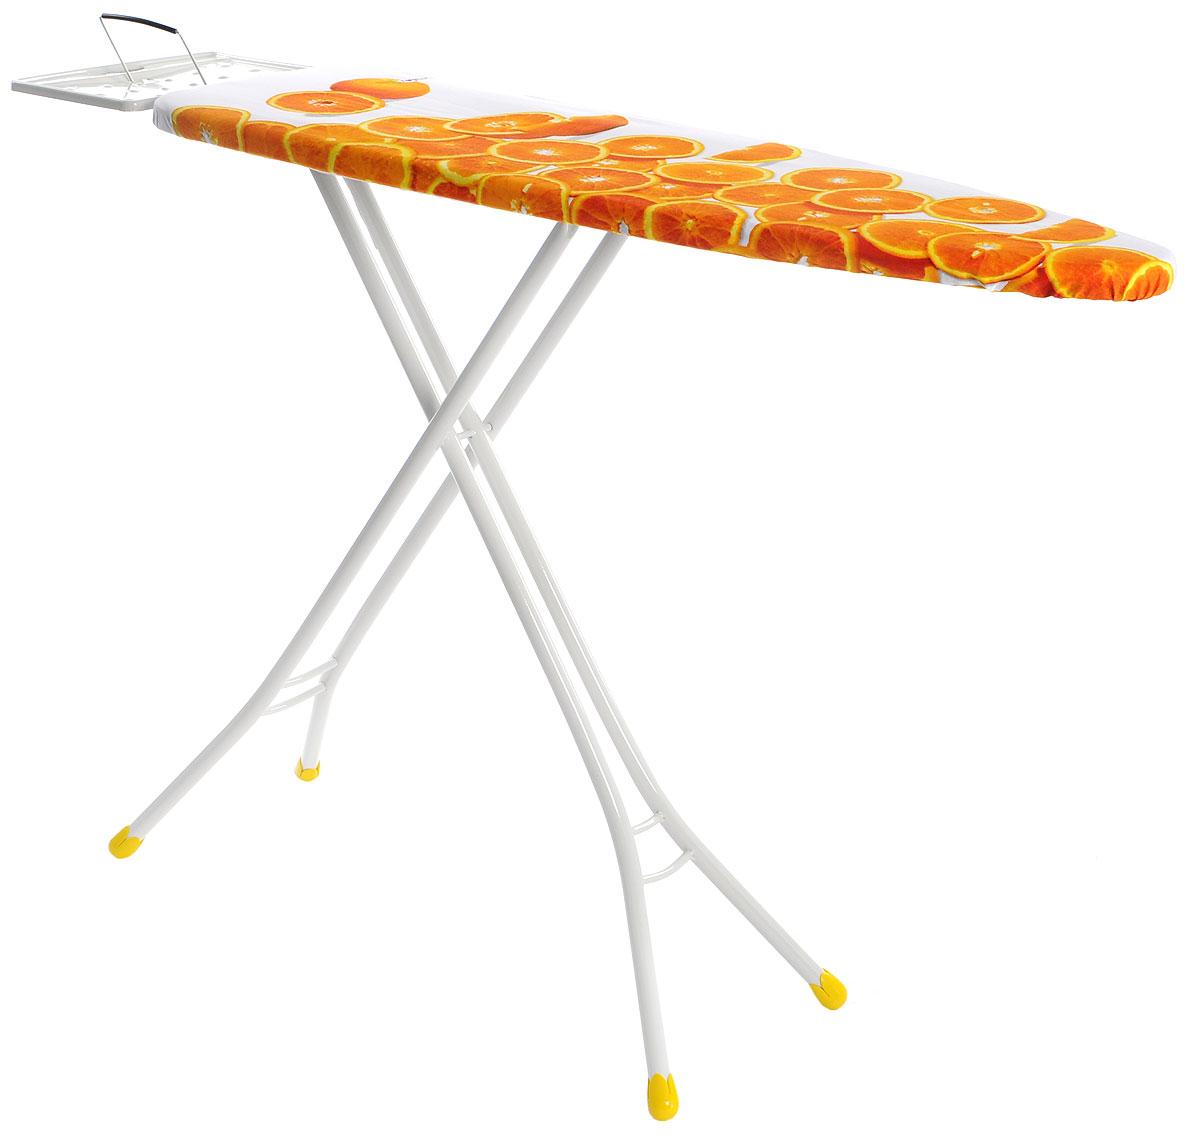 Доска гладильная Gimi Classic. Апельсины, 110 х 33 см14100350_оранжевый, белыйСкладная гладильная доска Gimi Classic. Апельсины - необходимая вещь для каждой хозяйки. Благодаря такой удобной доске процесс глажки будет комфортным и качественным.Корпус выполнен из высококачественной стали и обтянут чехлом из прочного хлопка.Большая поверхность позволит вам без труда гладить не только рубашки, мужские брюки, но и постельное белье. Прочные стальные окрашенные ножки снабжены пластиковыми вставками, которые предотвращают скольжение, что создает удобные условия для глажки, а также препятствуют образованию царапин на полу. Также изделие оснащено подставкой для утюга. Доска легко складывается и не занимает много места в сложенном состоянии. Такая гладильная доска сочетает в себе качество, удобство, легкость и практичность.Размер гладильной поверхности: 110 x 33 см. Максимальная высота: 90 см. Размер подставки для утюга: 29 x 22 см. Размер гладильной доски в сложенном виде: 143 х 34 х 5 см.УВАЖАЕМЫЕ КЛИЕНТЫ!Обращаем ваше внимание, что расцветка чехла может отличаться от представленного на фотографии. Товар поставляется в ассортименте. Поставка осуществляется в зависимости от наличия на складе.